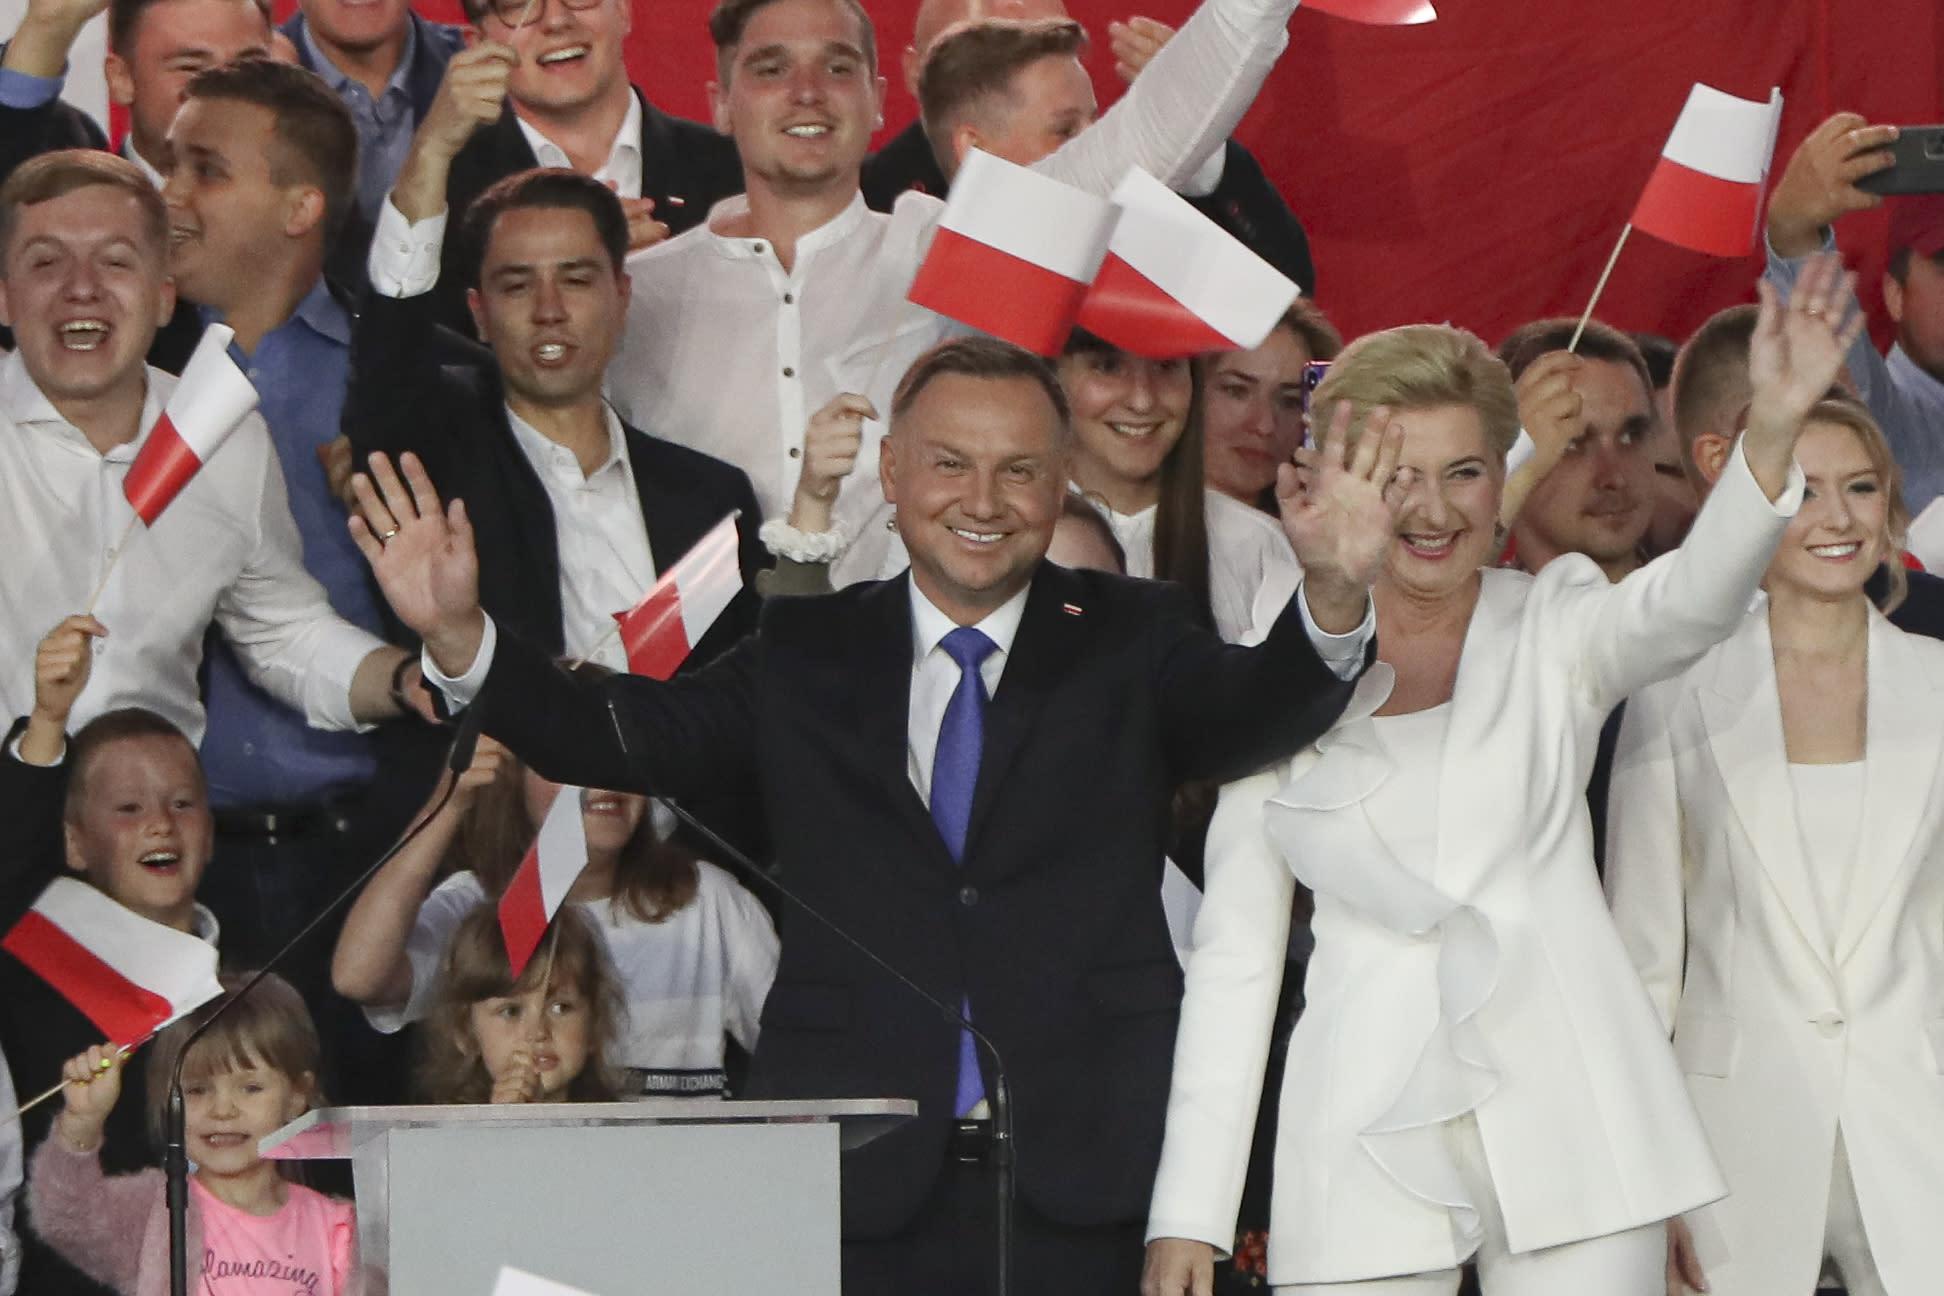 El presidente Andrzej Duda, acompañado por su esposa Agata Kornhauser-Duda, saluda a sus simpatizantes el domingo 12 de julio de 2020, en Pultusk, Polonia. (AP Foto/Czarek Sokolowski)